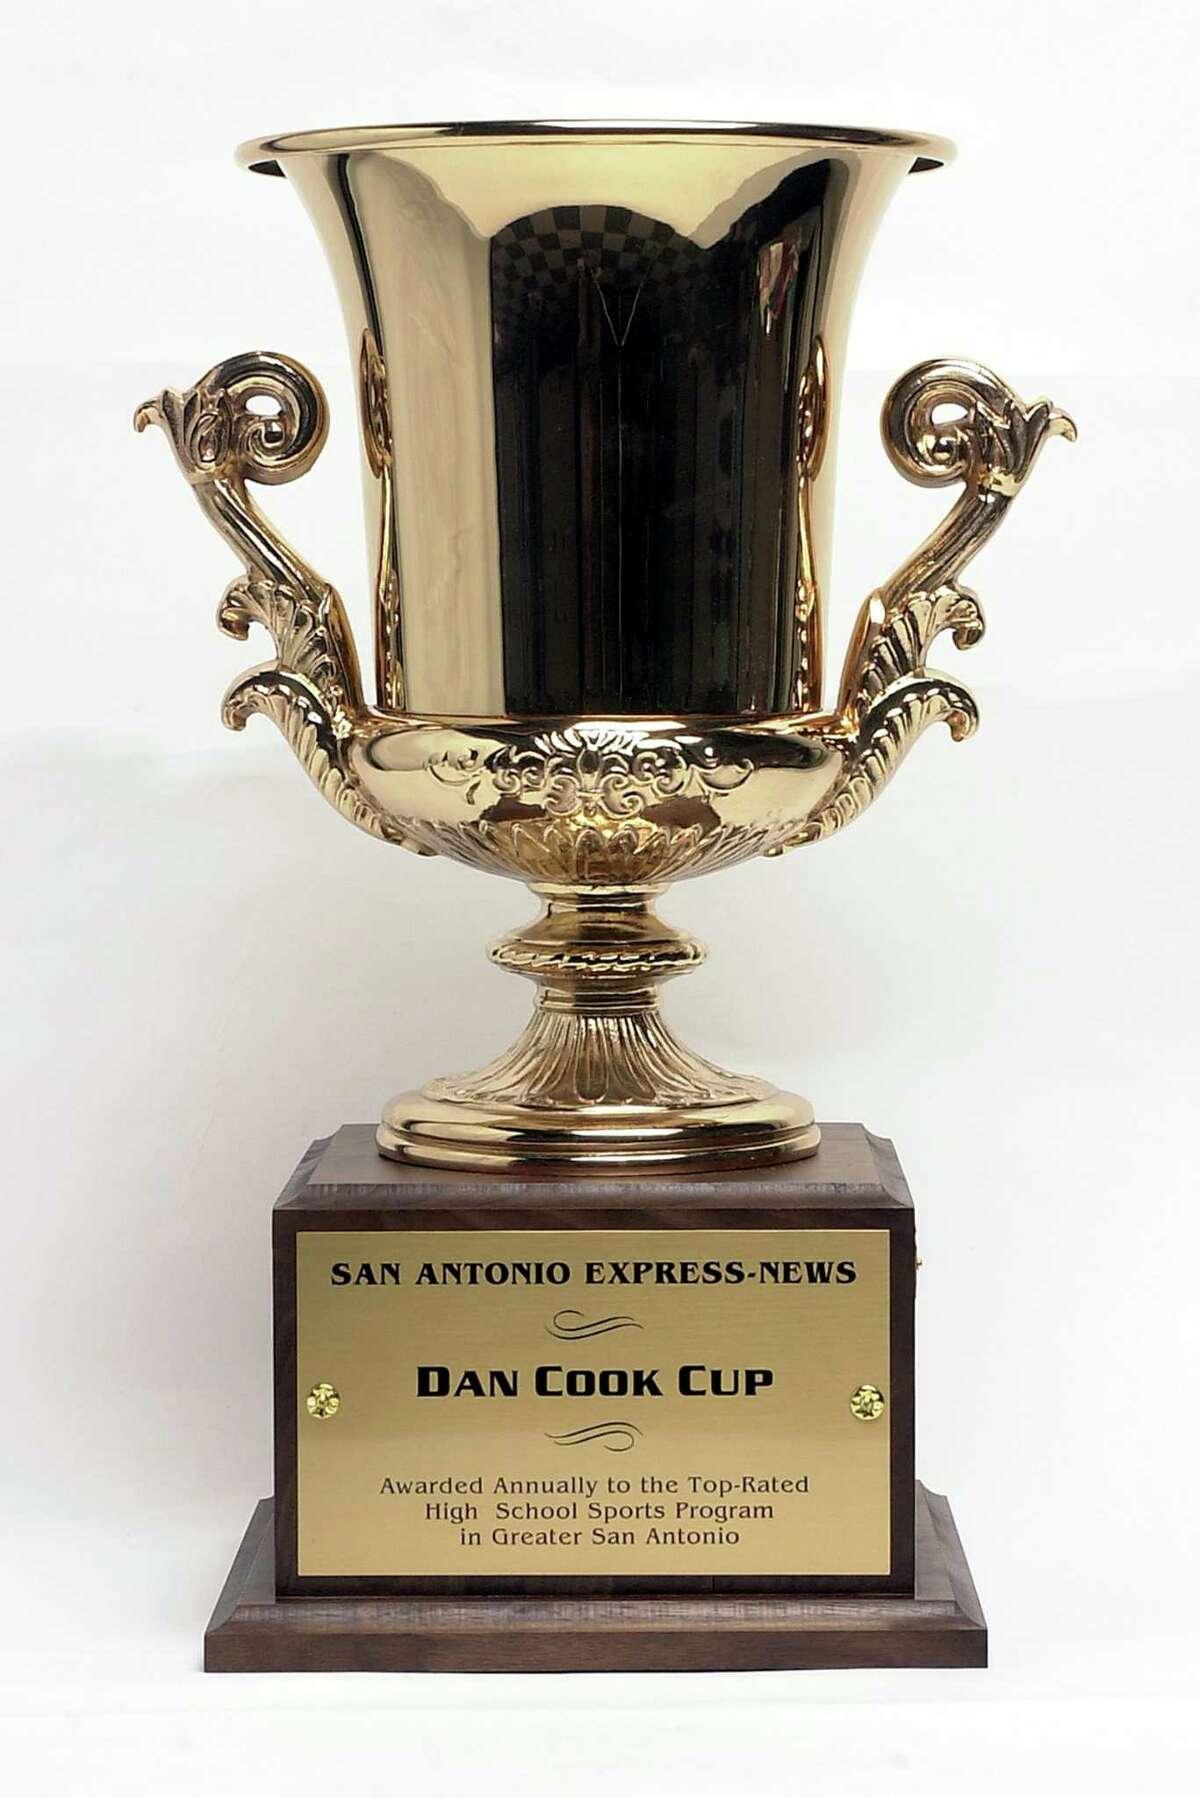 Dan Cook Cup trophy